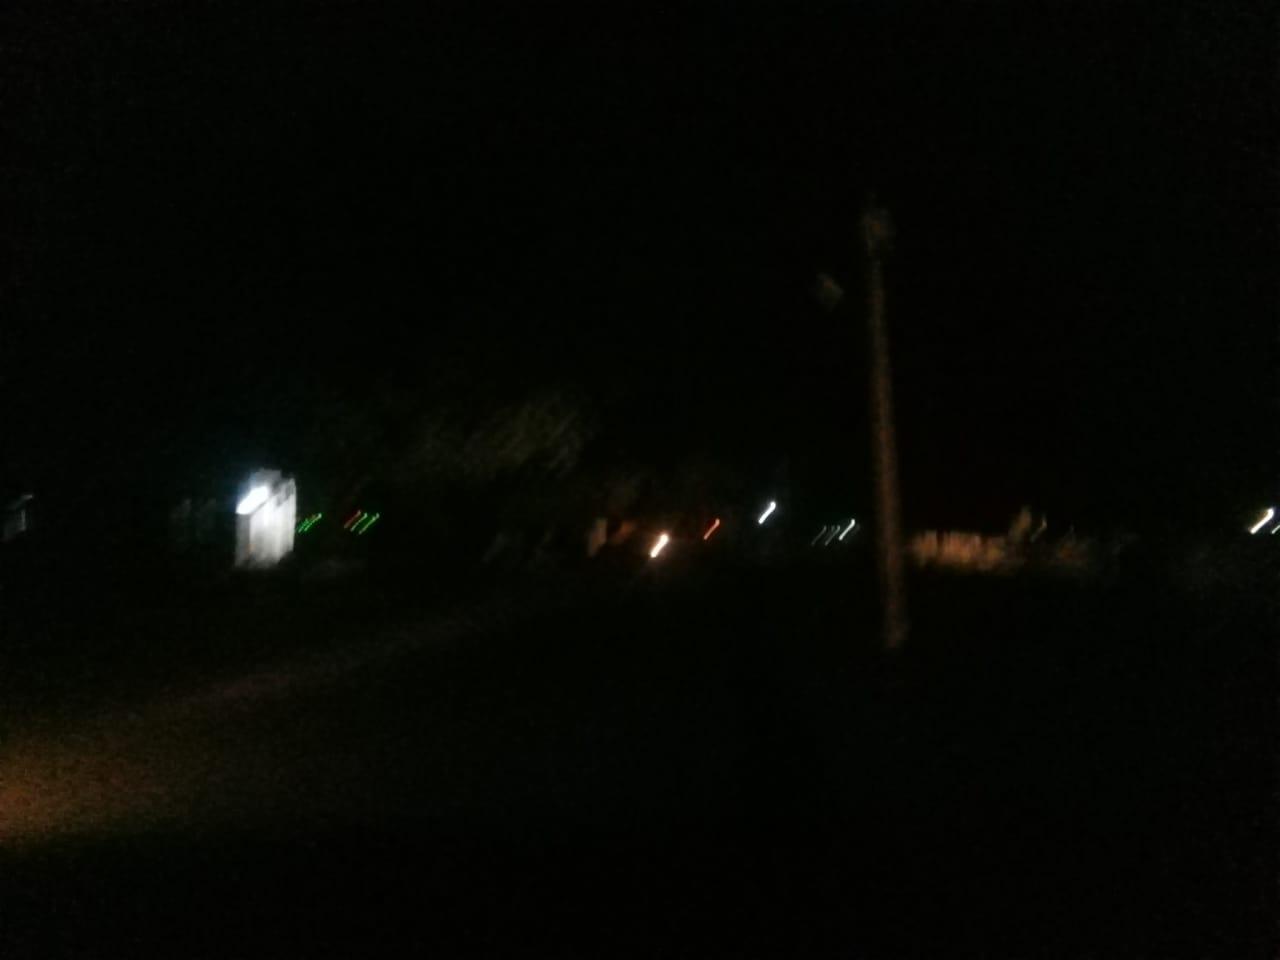 नपाध्यक्ष के निवासी पर उजाला तो टैक्स देने वाले लोगों के निवास पर अंधेरा